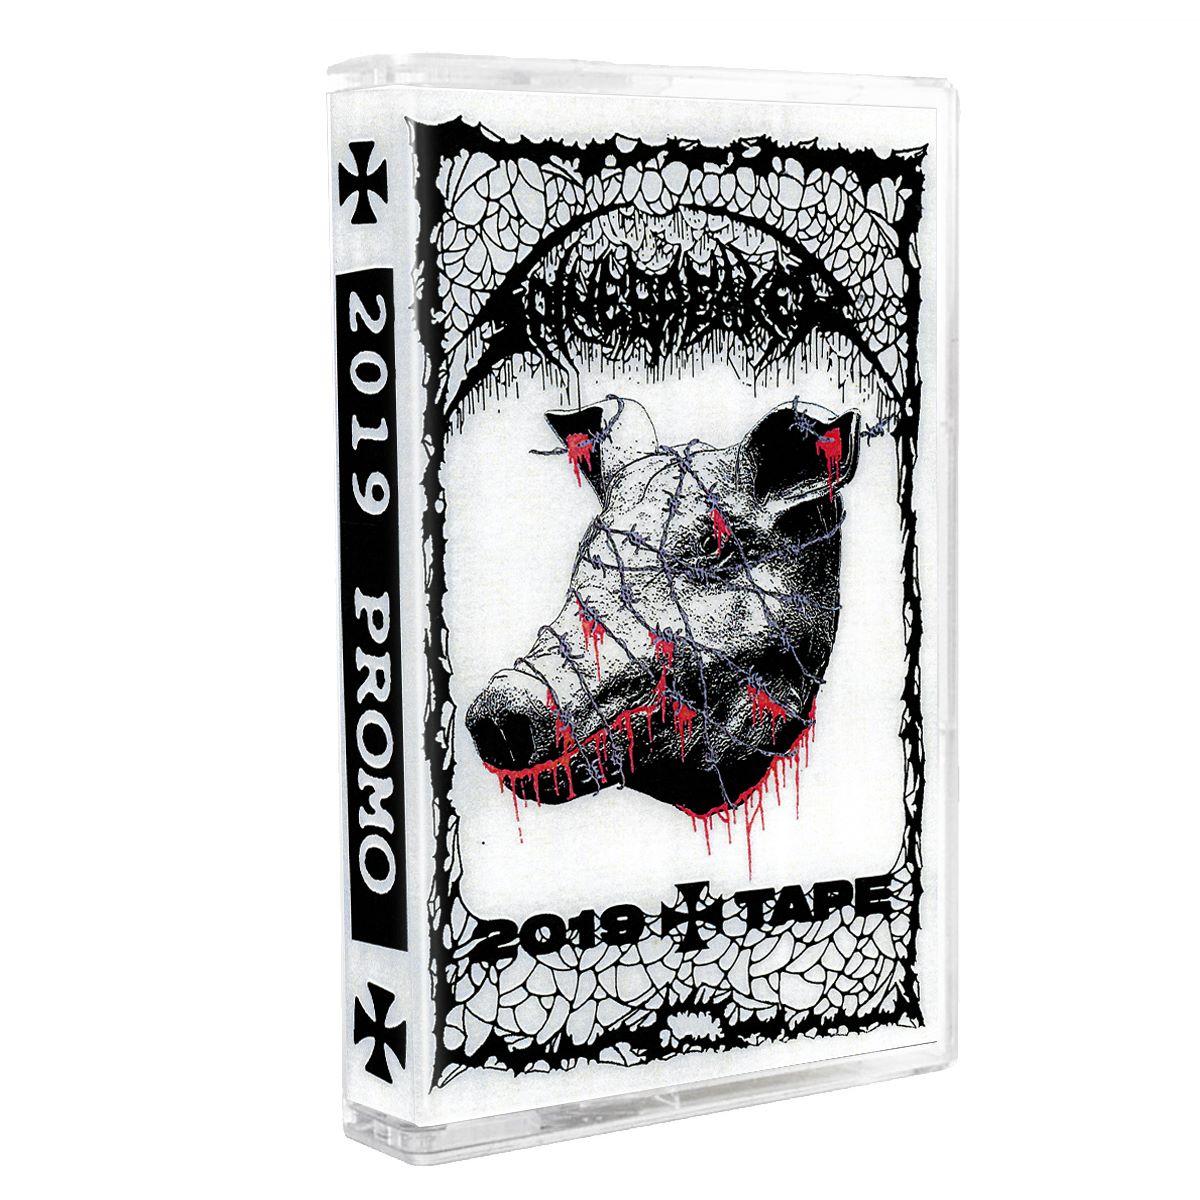 Promo Cassette 2019